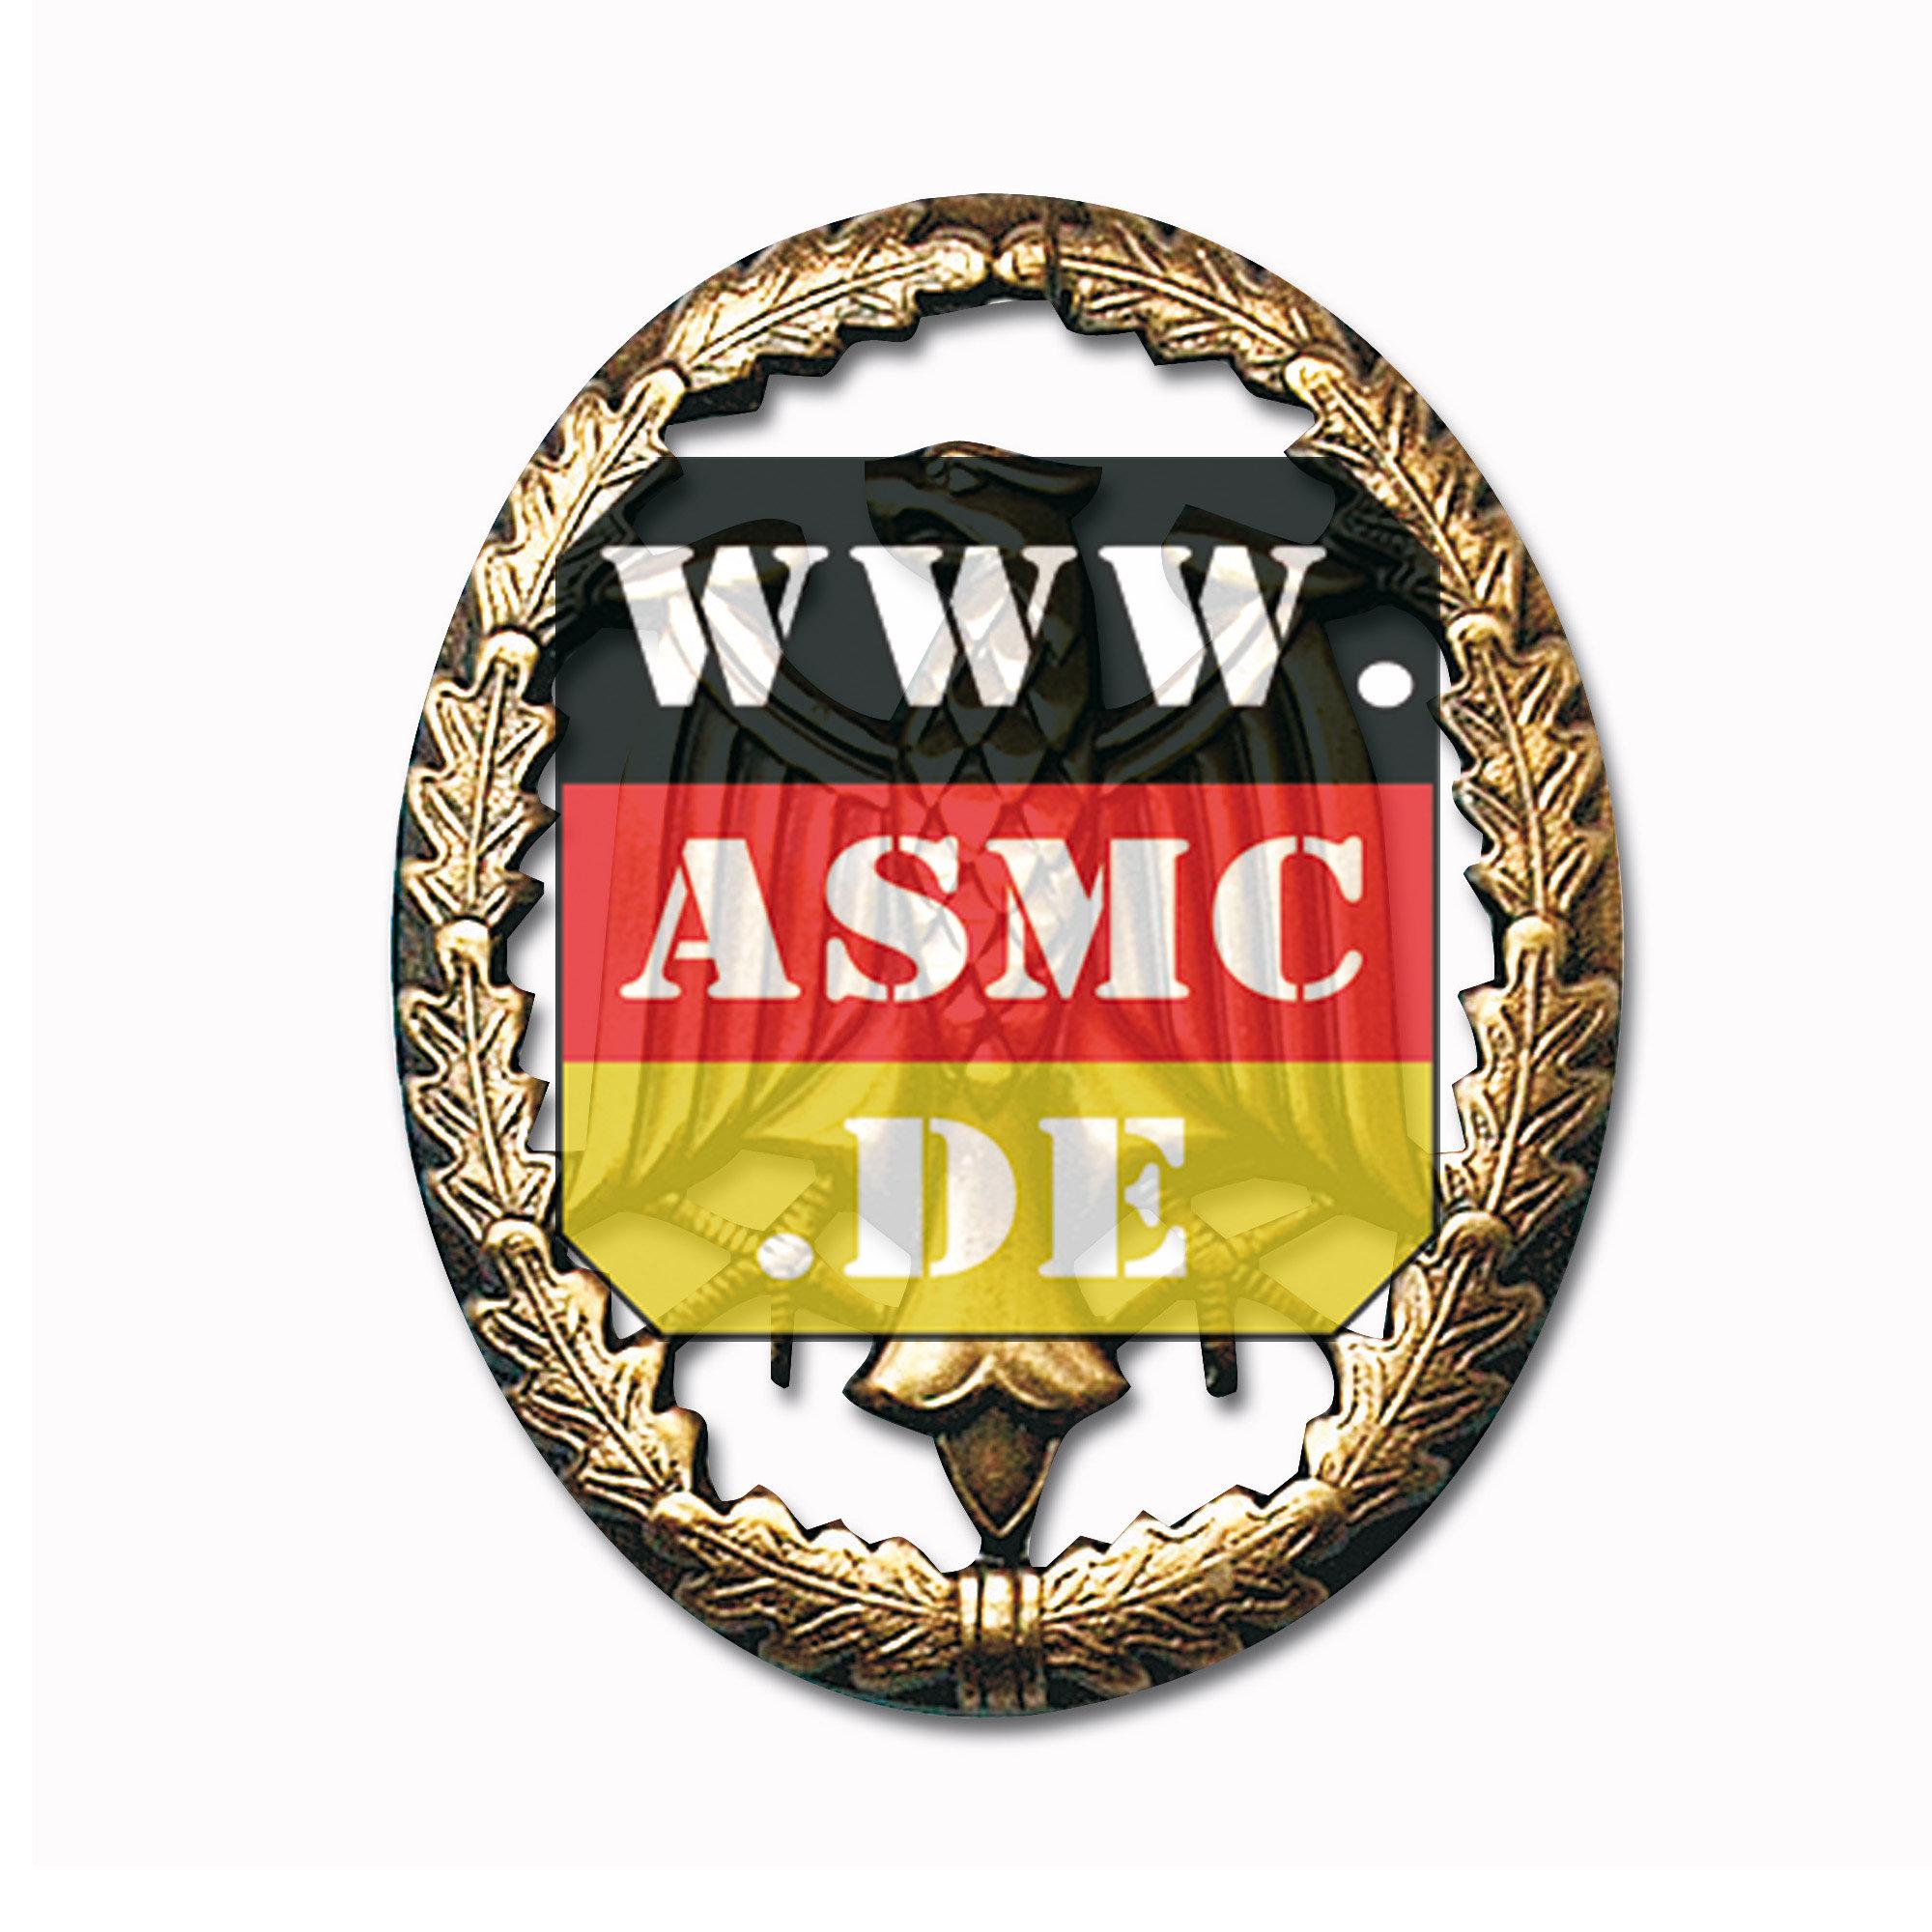 Distintivo de servicio metal bronce